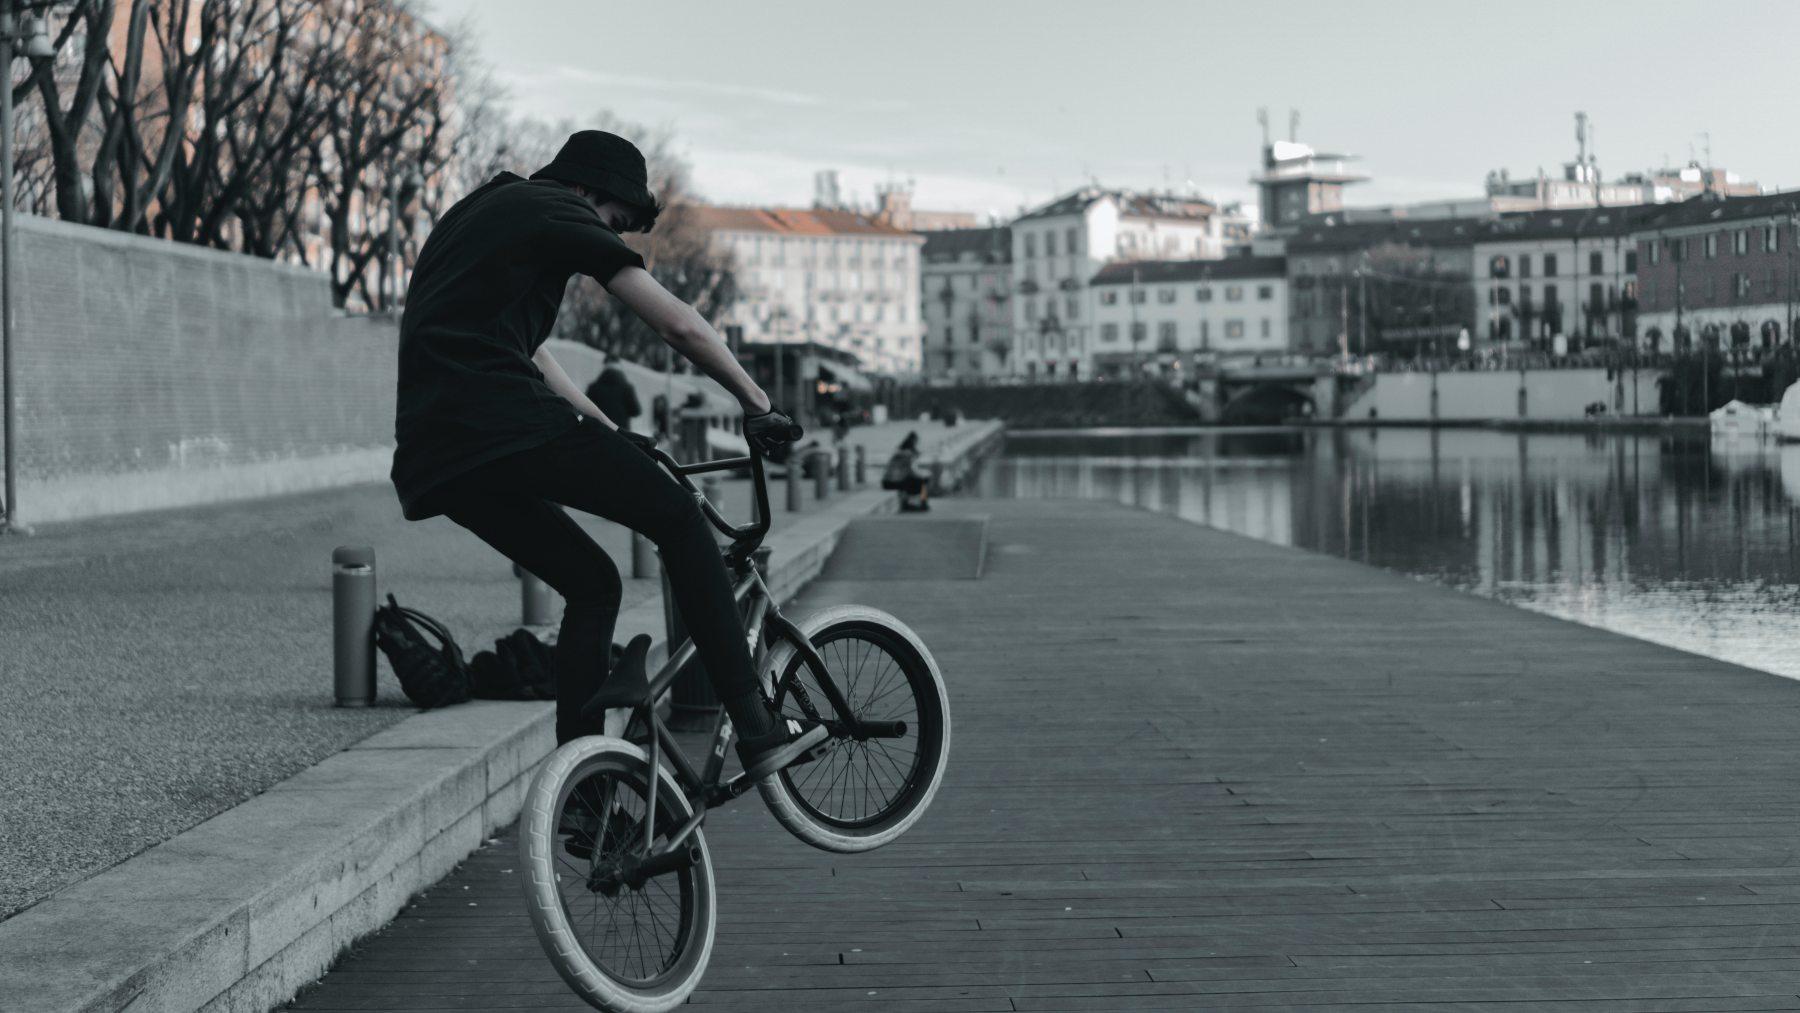 ¿Qué deportes puedes practicar en bicicleta?